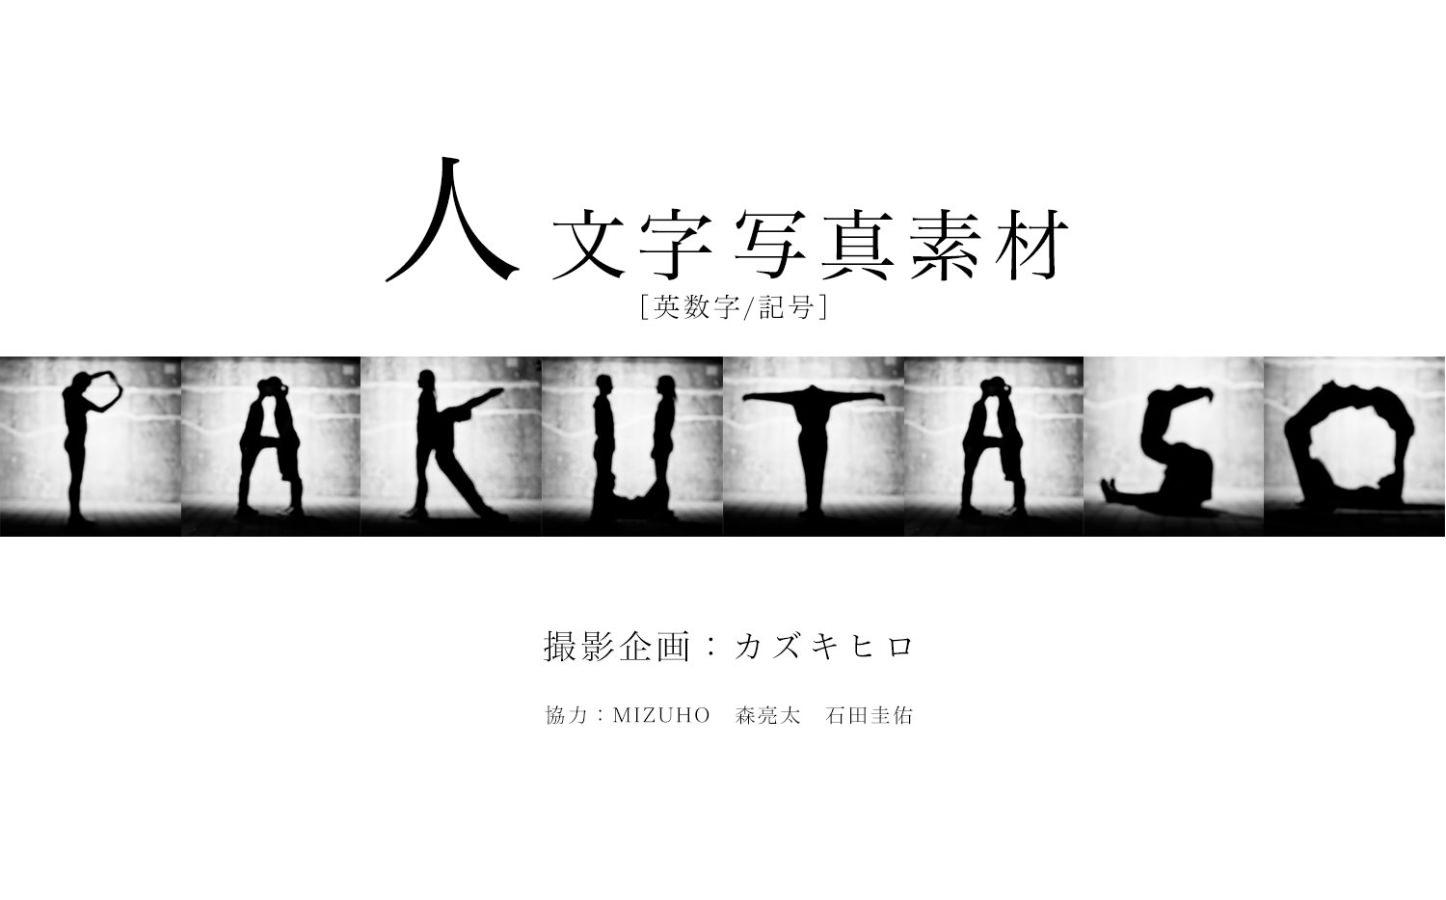 Kazukihirohitomoji thumb 1500x736 27519